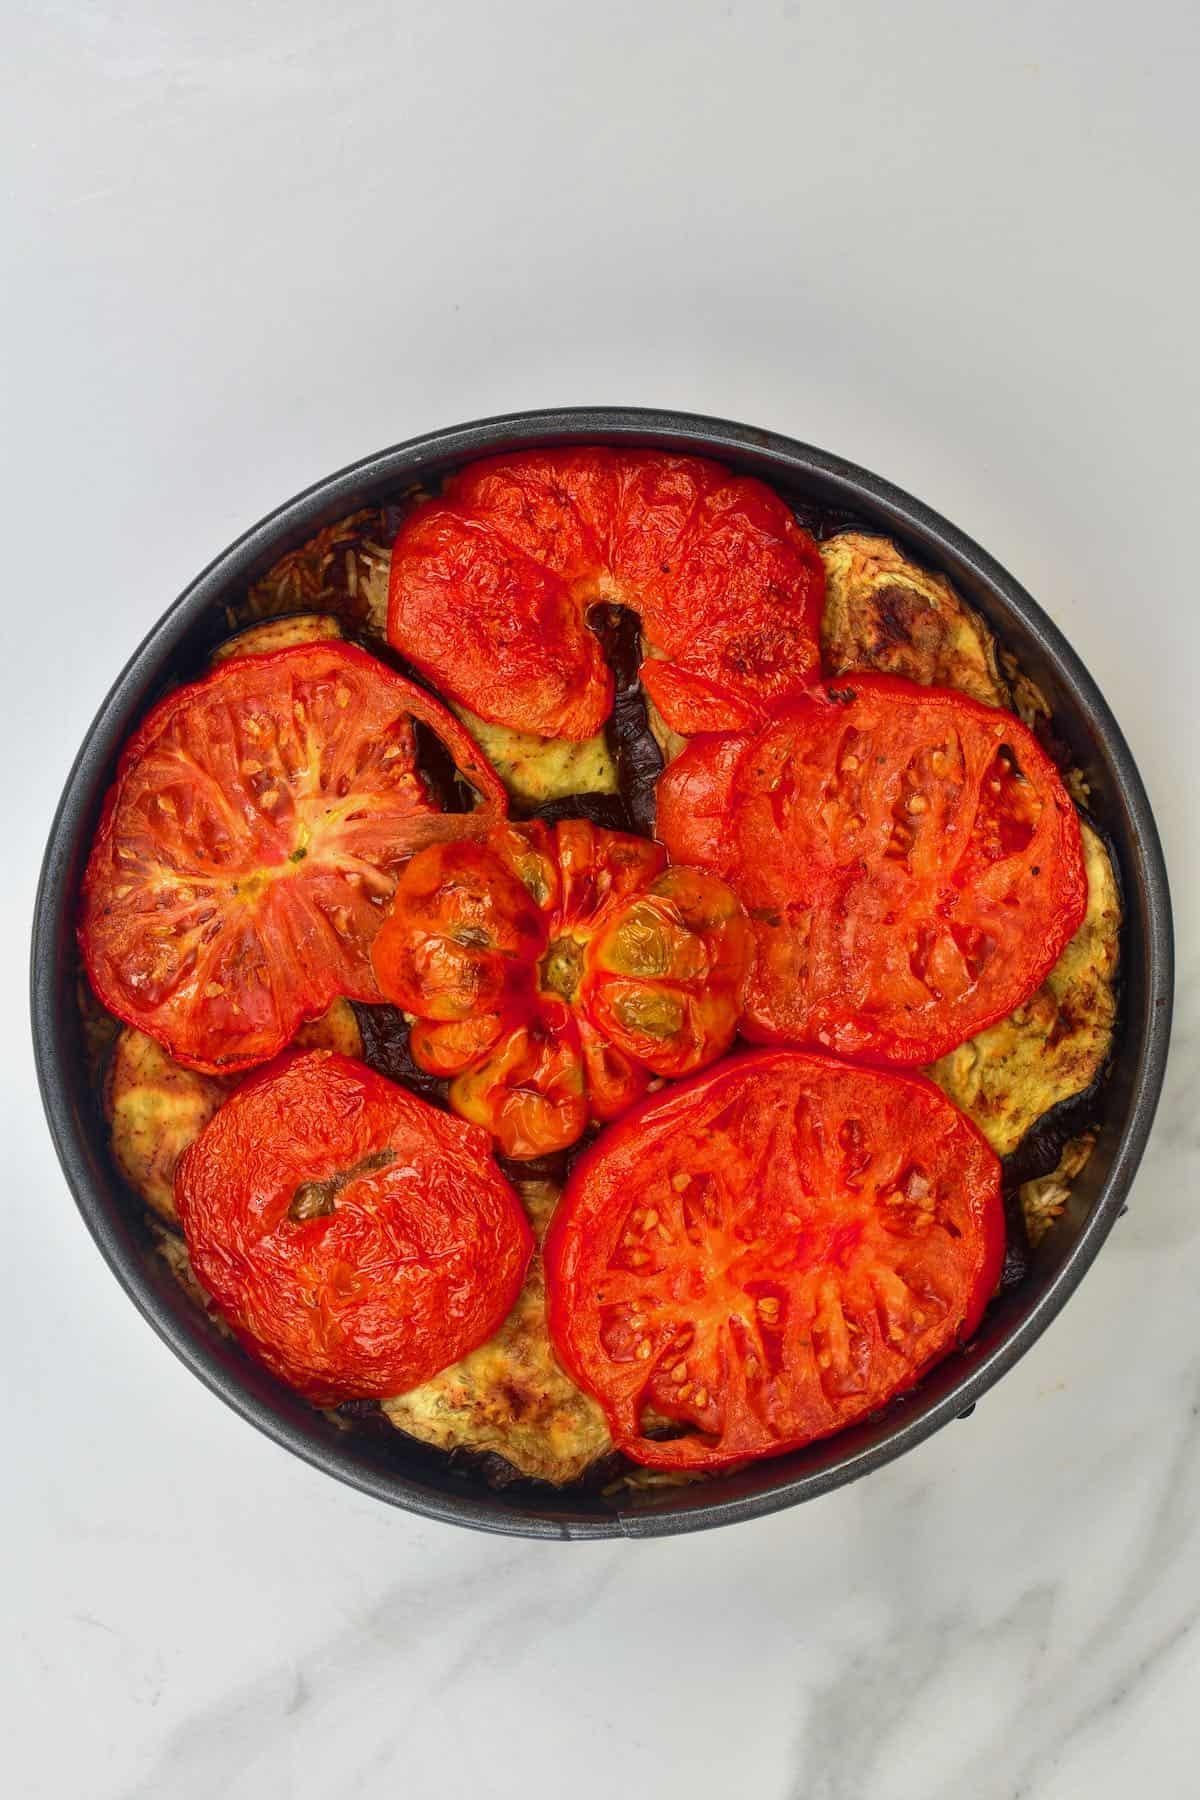 Maqluba in a baking dish